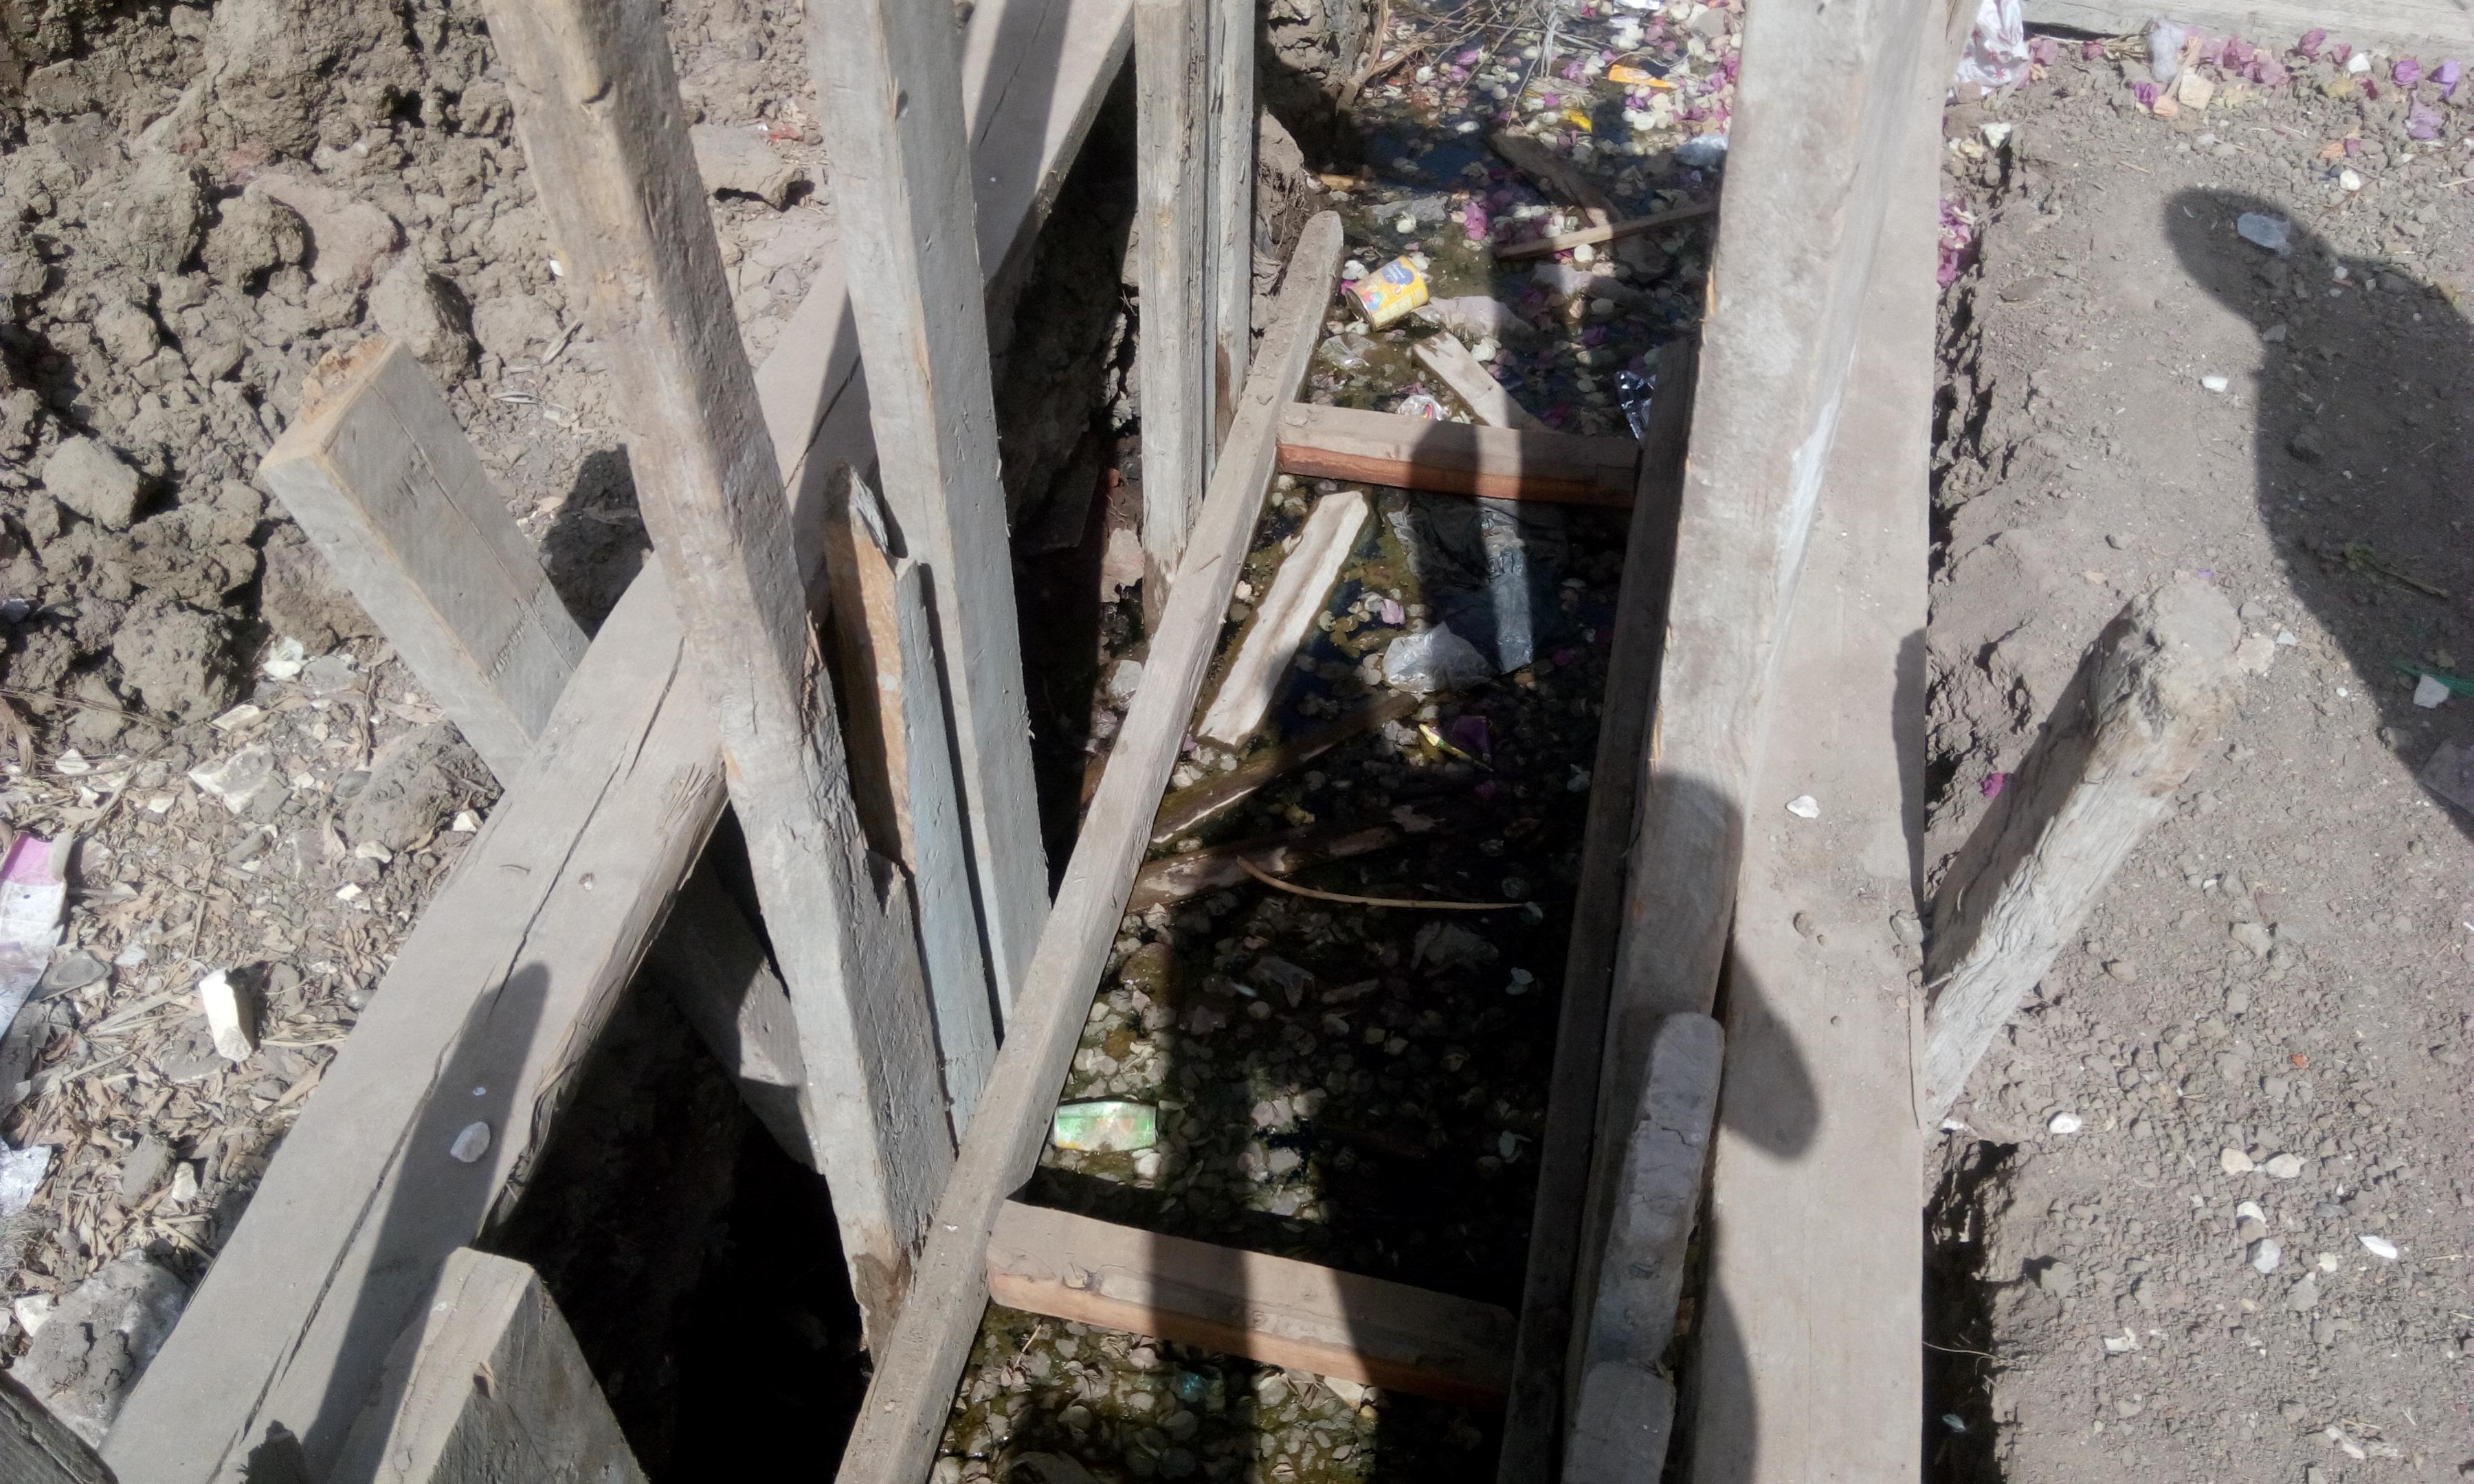 توقف العمل فى مشروع الصرف الصحى بقرية شبراملس فى الغربية (11)